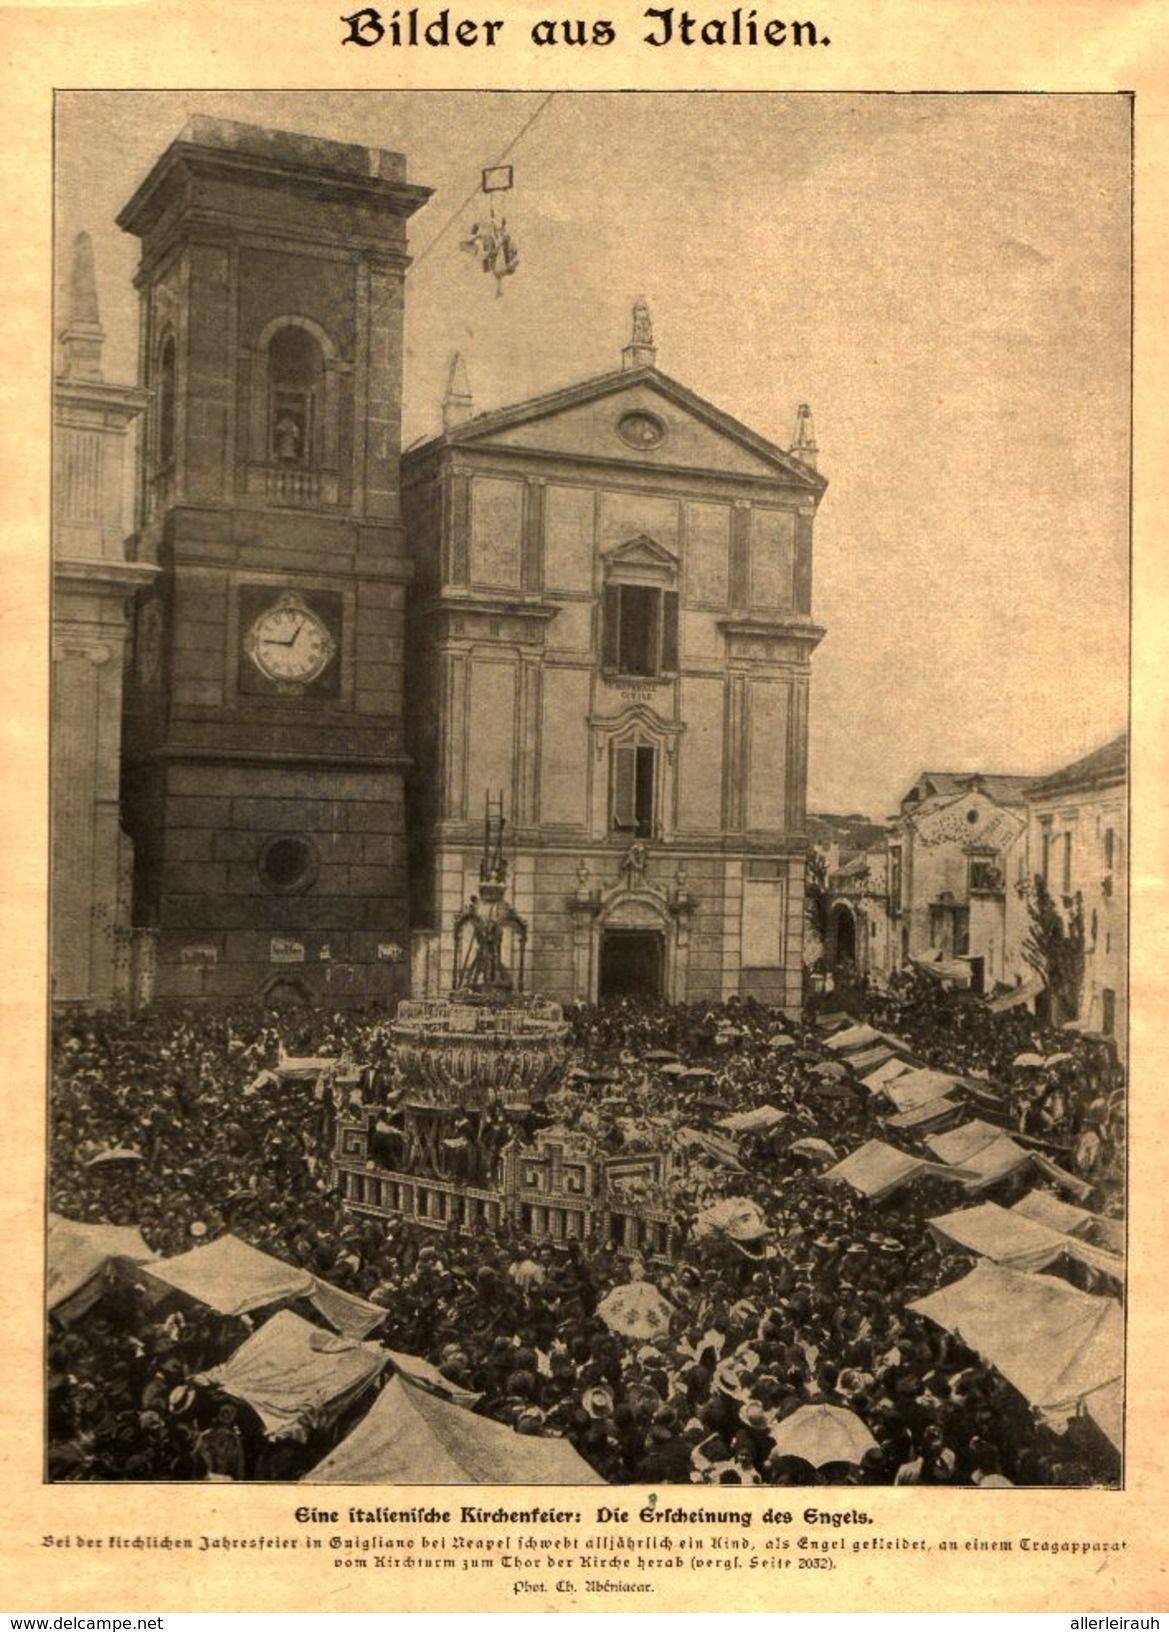 Eine Italienische Kirchenfeier Die Erscheinung Des Engel Druck Entnommen Aus Zeitschrift 1901 Artikelnummer 447352934 Beruhmte Gebaude Zeitschriften Kirchen